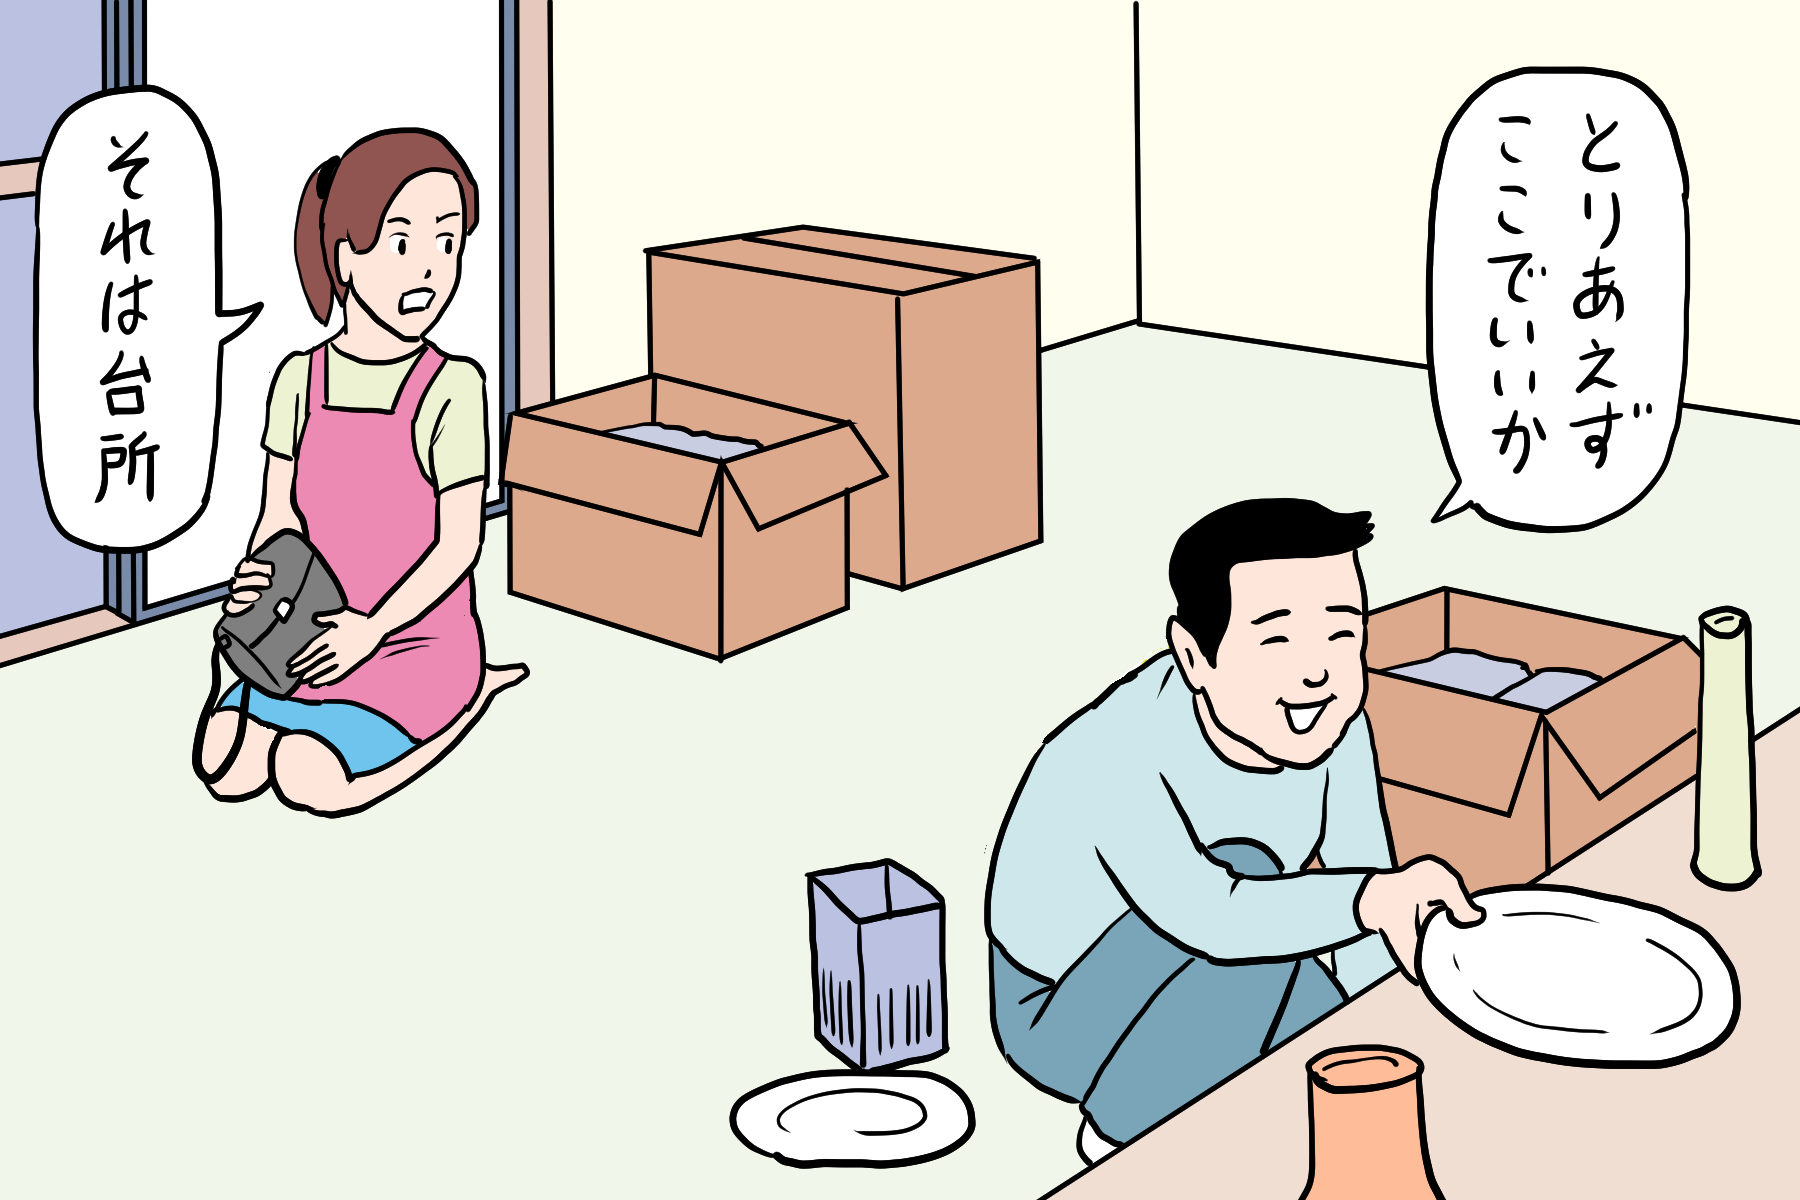 引越は収納整理のチャンス